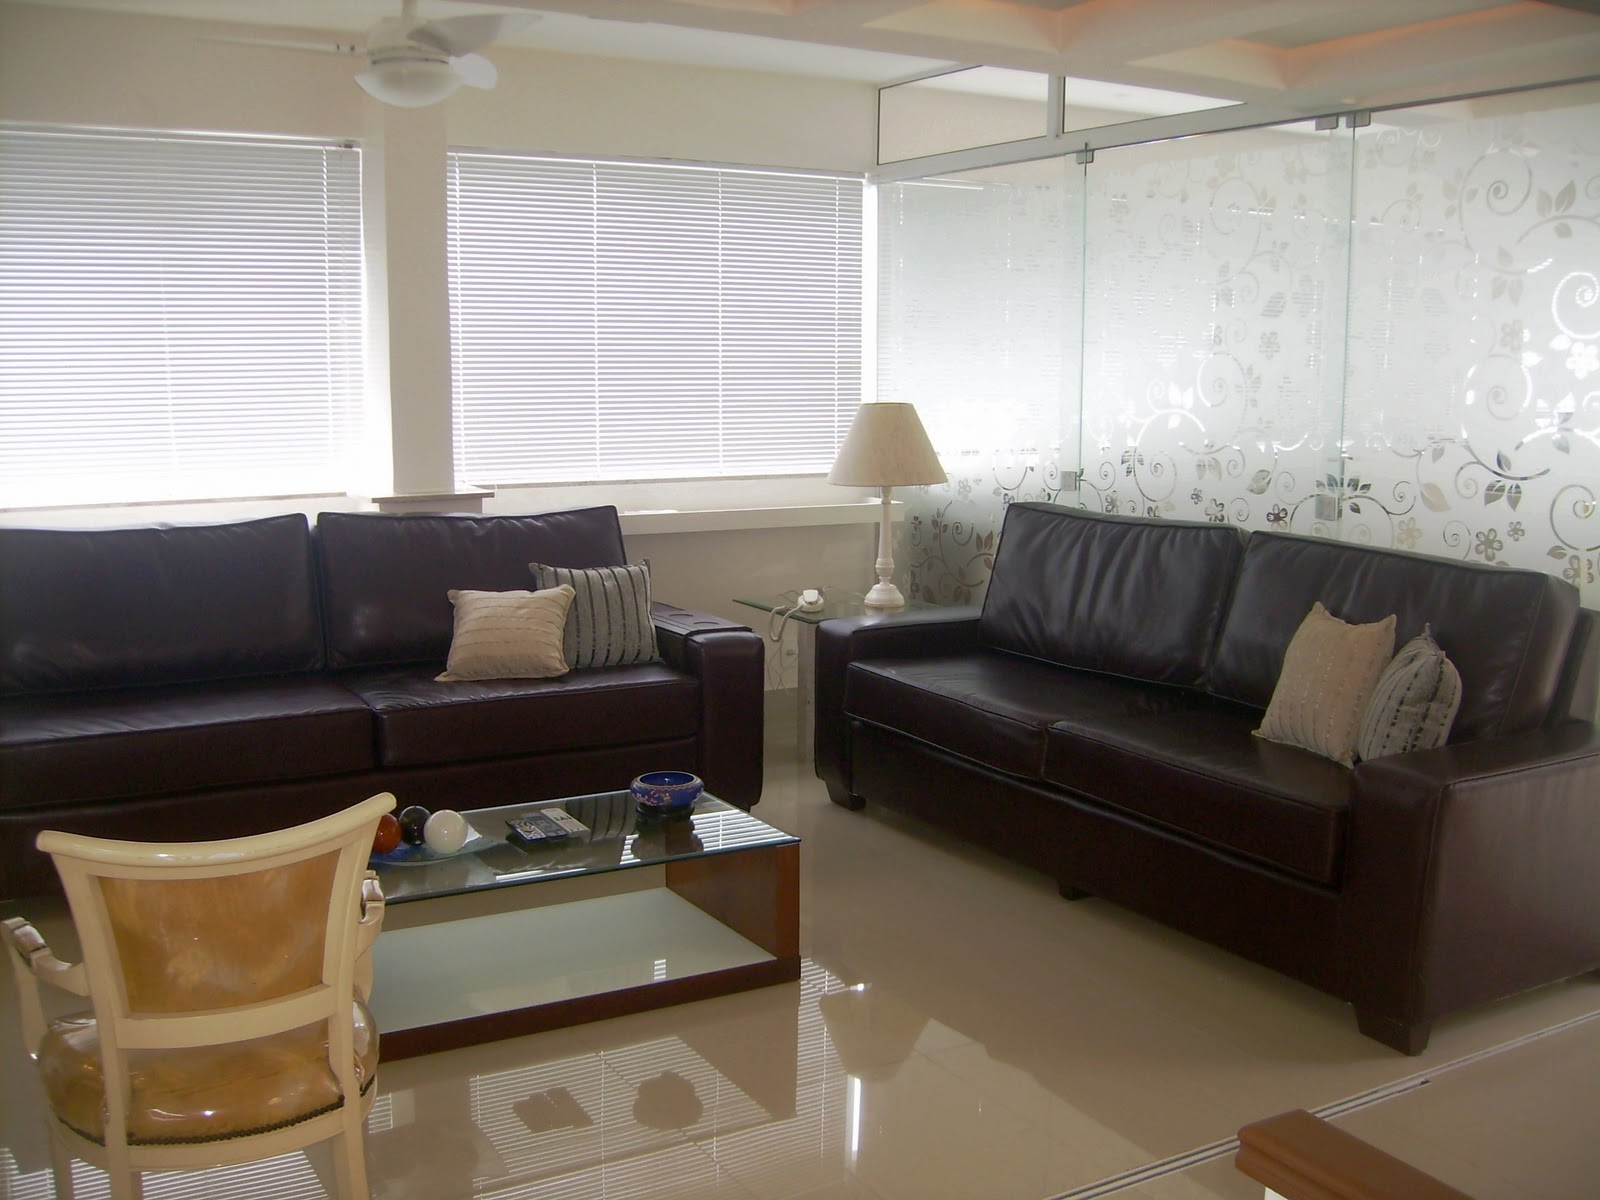 #614C33 janela de madeira1 1024x716 Portas e janelas de madeira 250 Janelas De Vidro Pra Sala